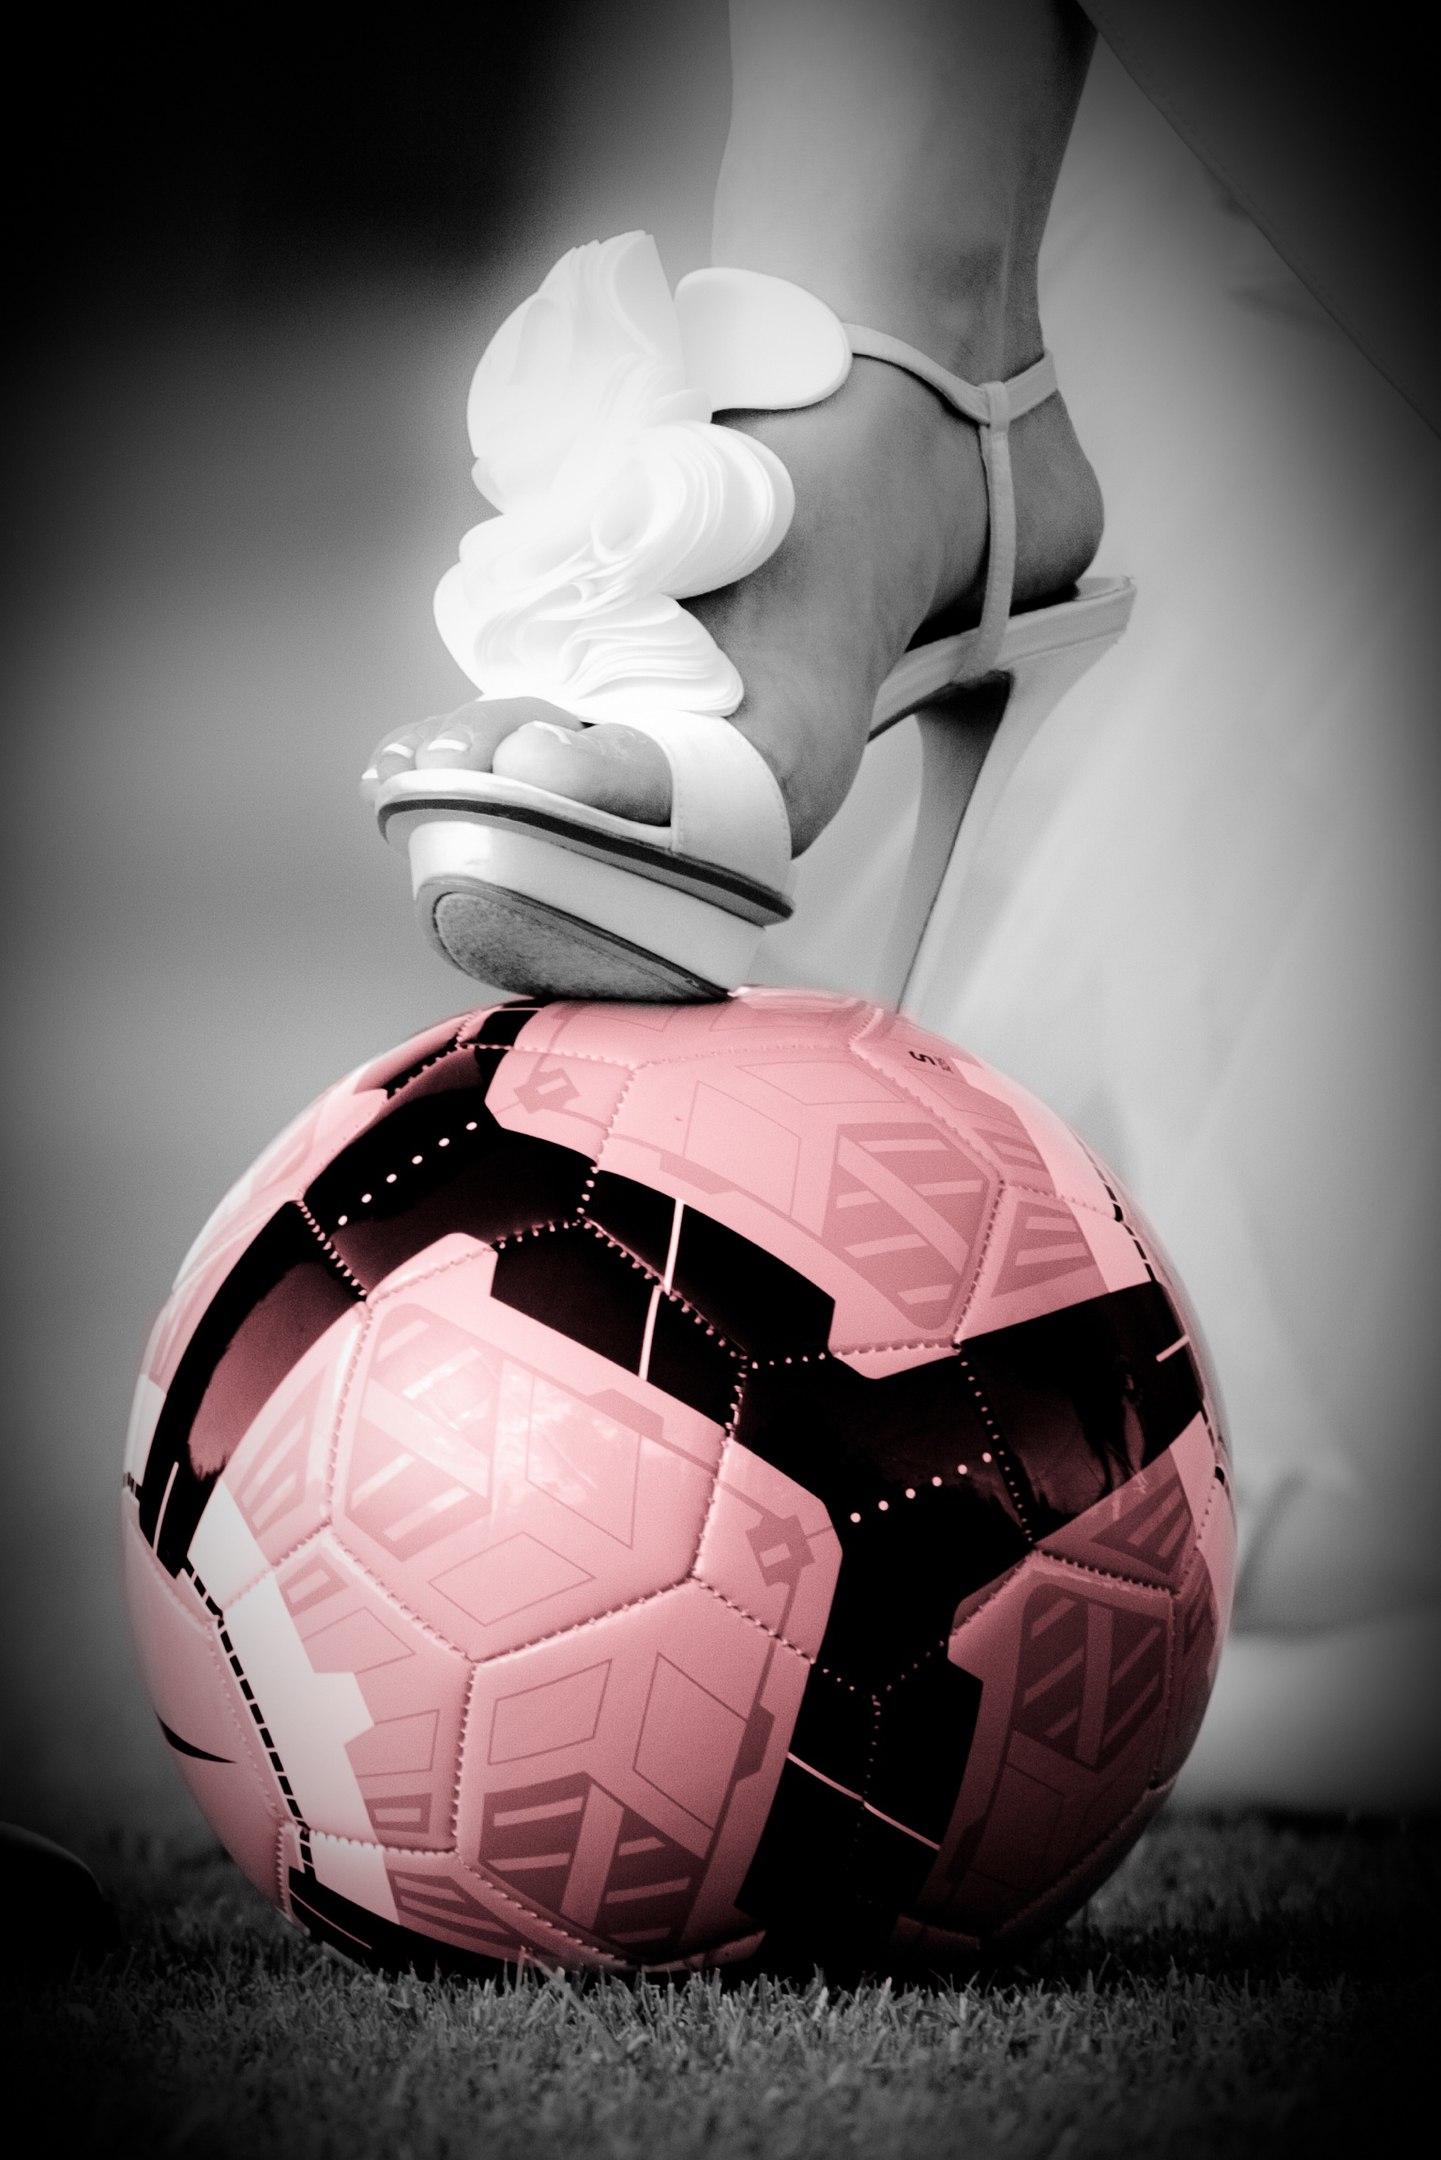 JYRSMjUOEis - Свадьба с футбольной тематикой (24 фото)